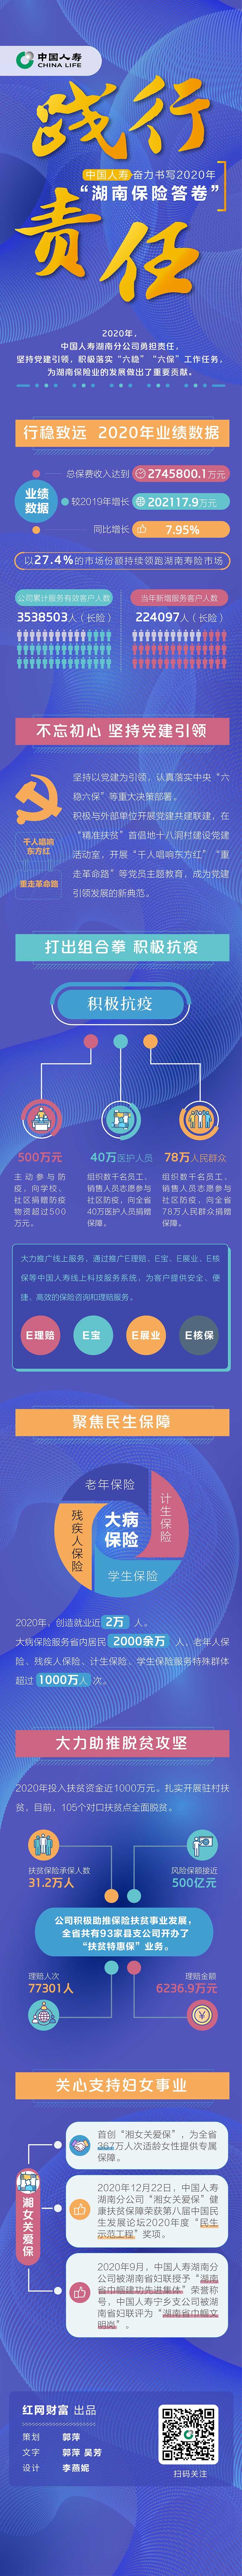 中国人寿长图0.jpg